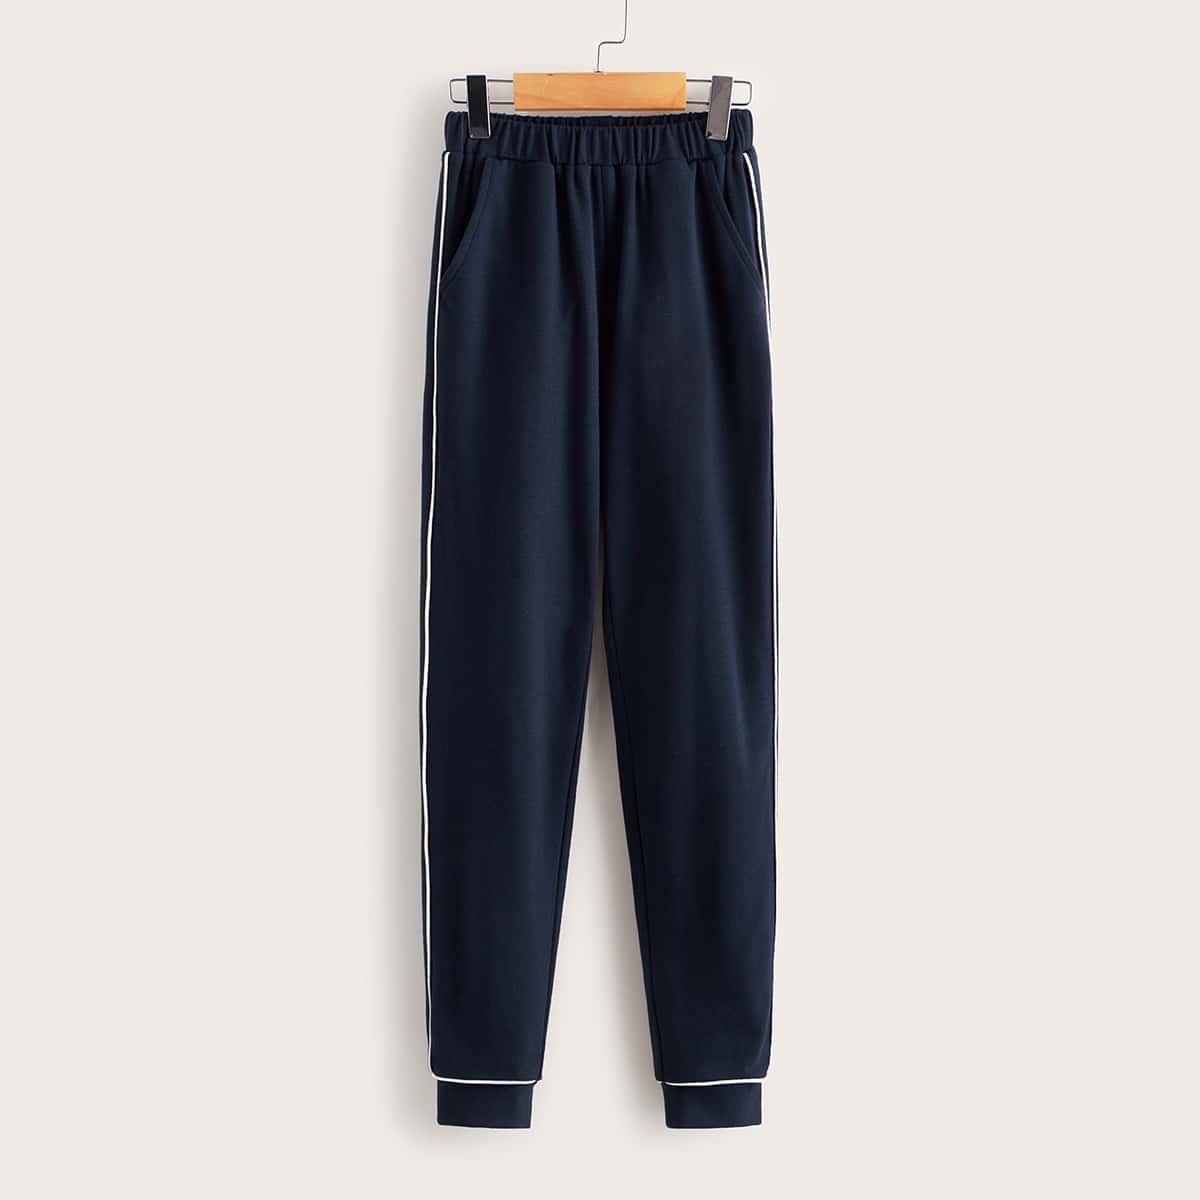 Спортивные брюки с контрастной стеганой отделкой для мальчиков от SHEIN